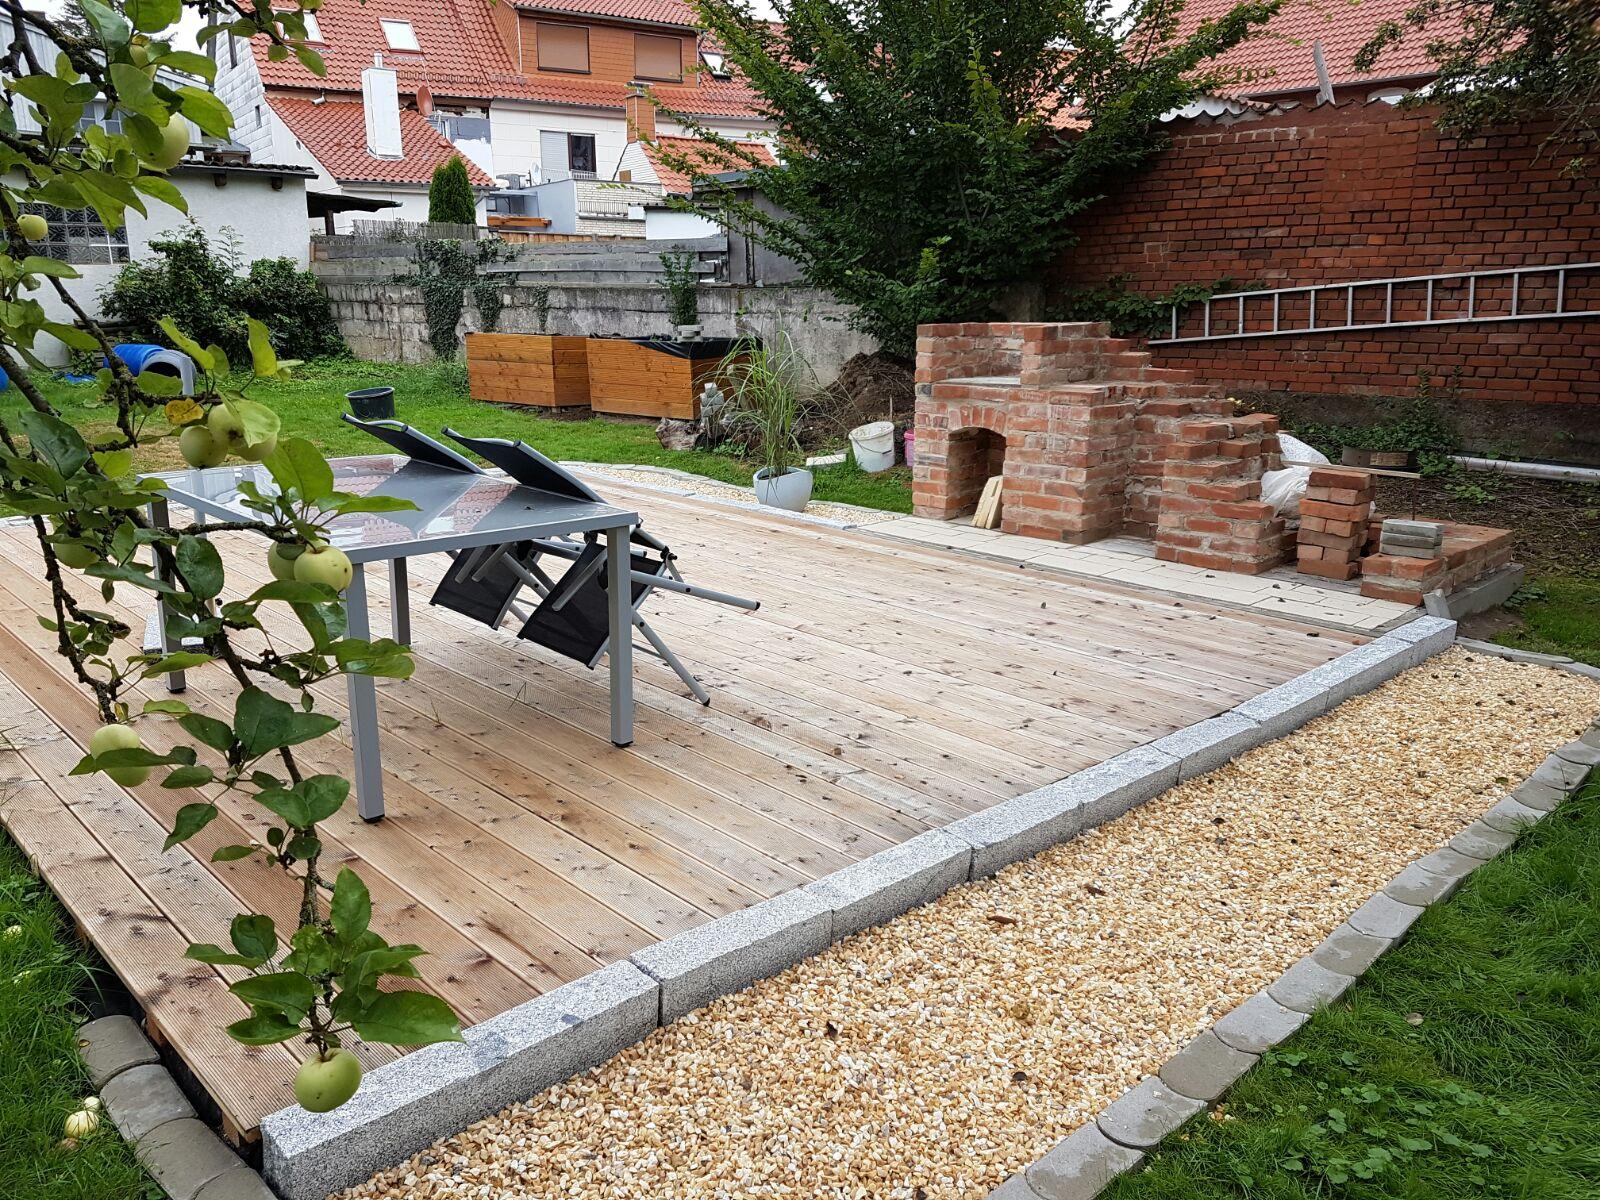 projekt garten terrasse grill ofen und mehr grillforum und bbq. Black Bedroom Furniture Sets. Home Design Ideas